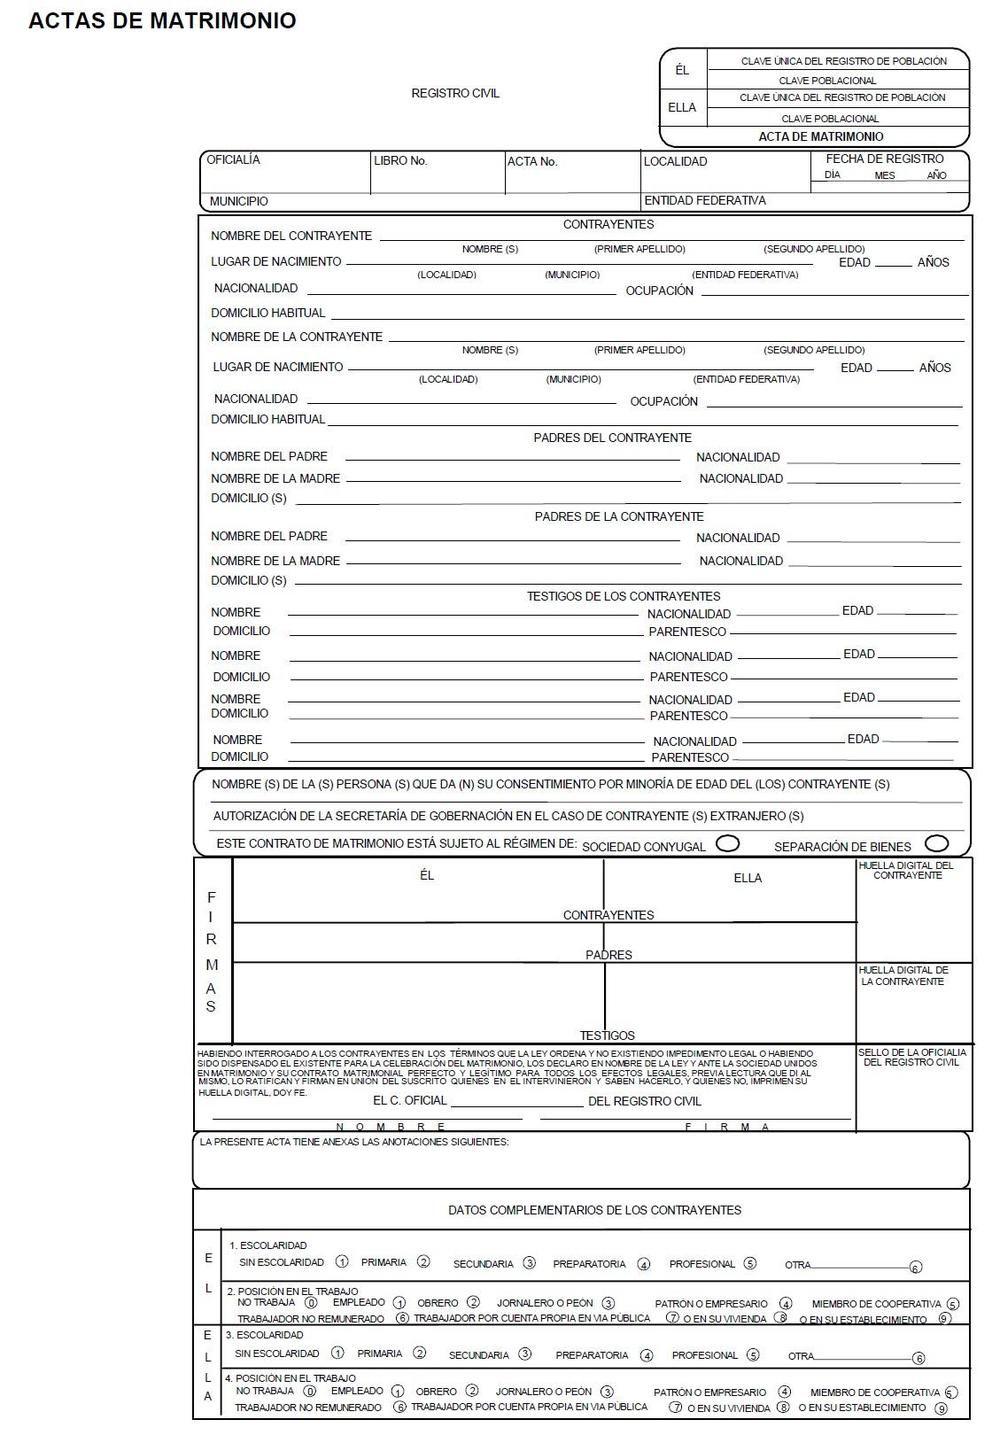 Formato De Acta De Matrimonio Con Imagenes Acta De Matrimonio Certificado De Matrimonio Matrimonio Formato cotizacion de servicios profesionales